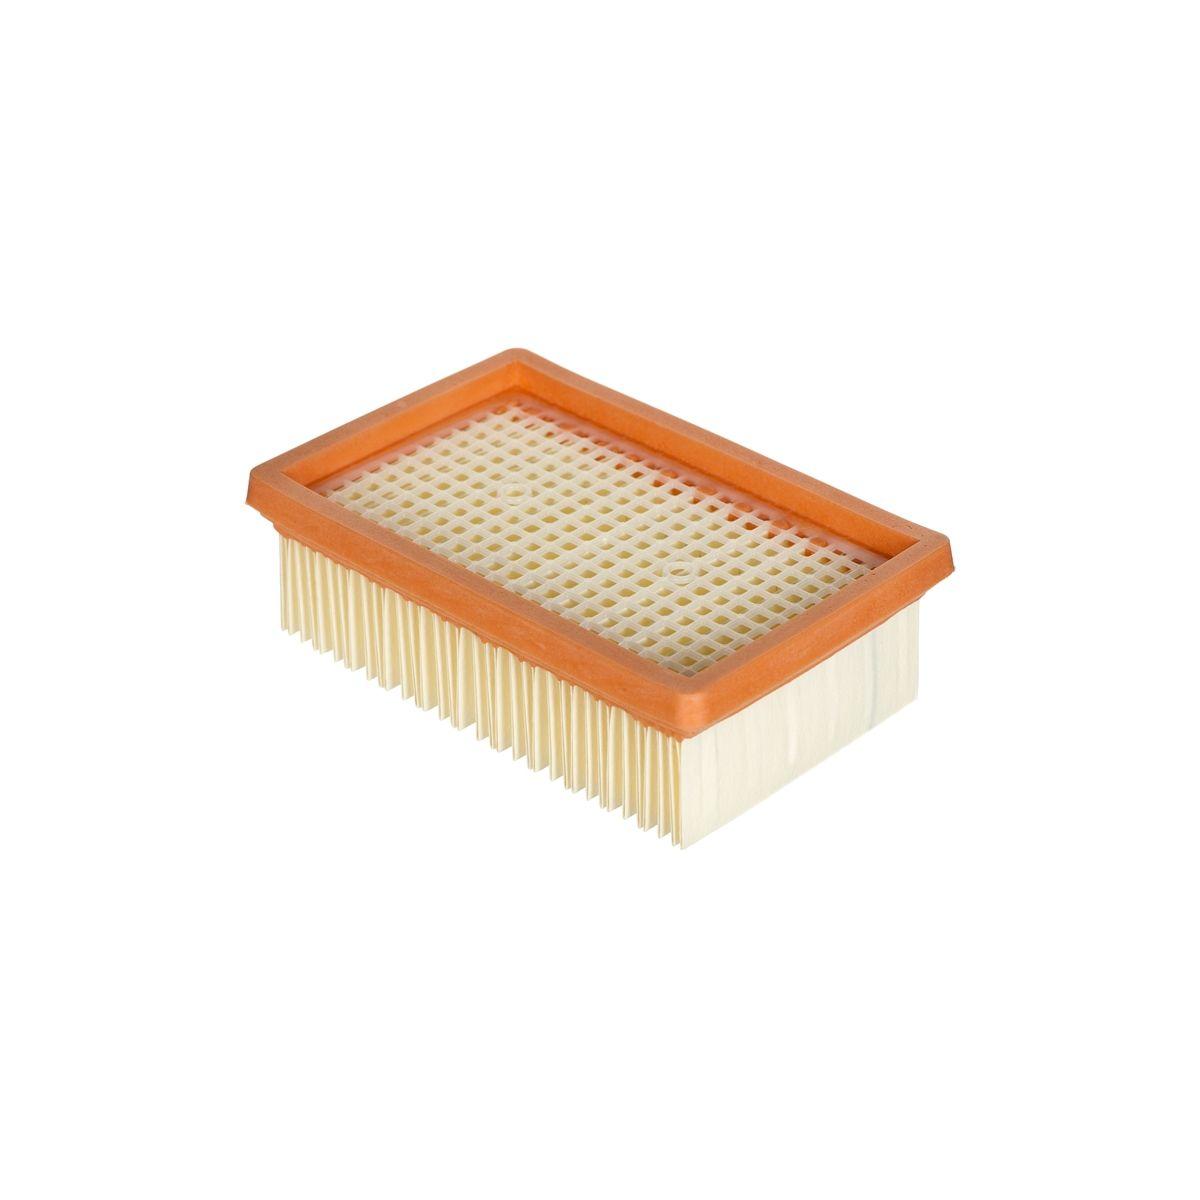 Filtre karcher pliss� plat wd4/wd5/wd6 - 15% de remise imm�diate avec le code : deal15